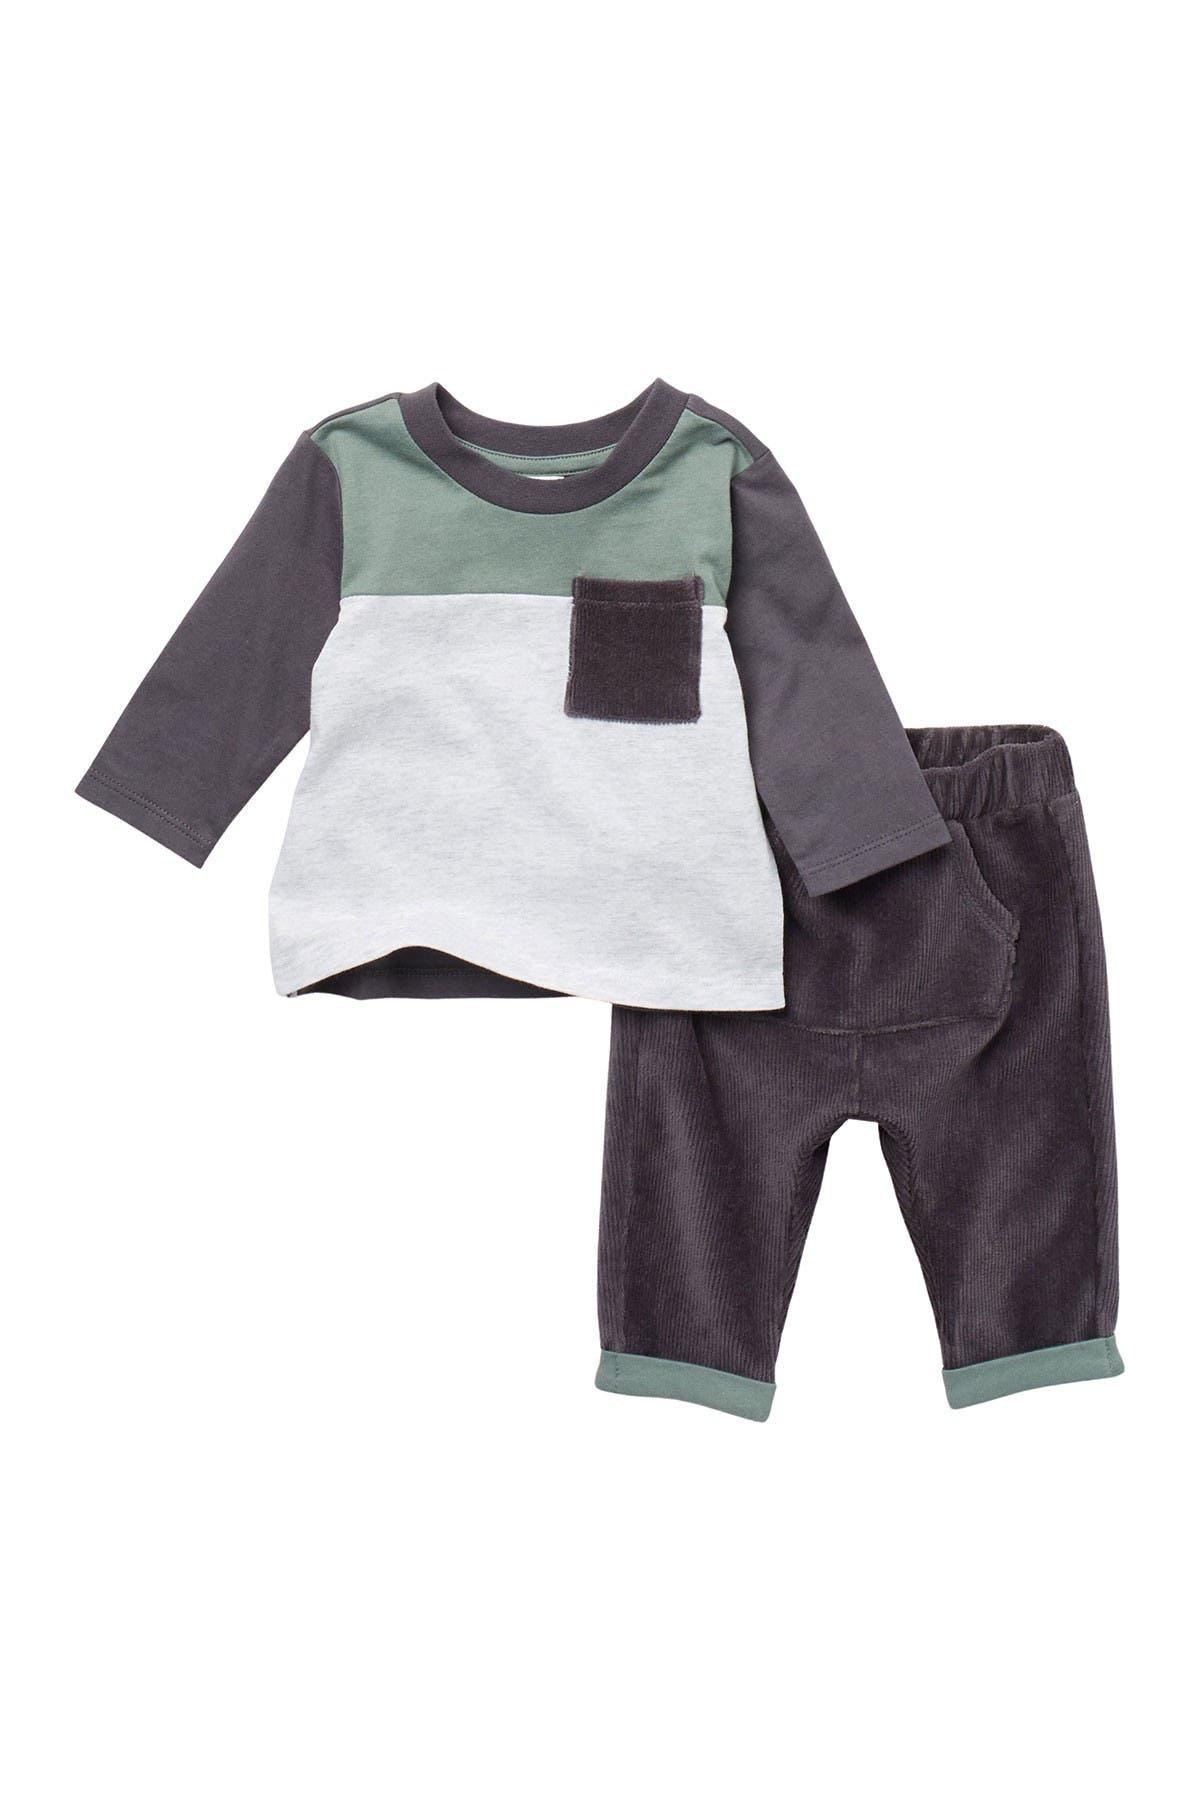 Image of Petit Lem Corduroy 2 Piece Pants Set